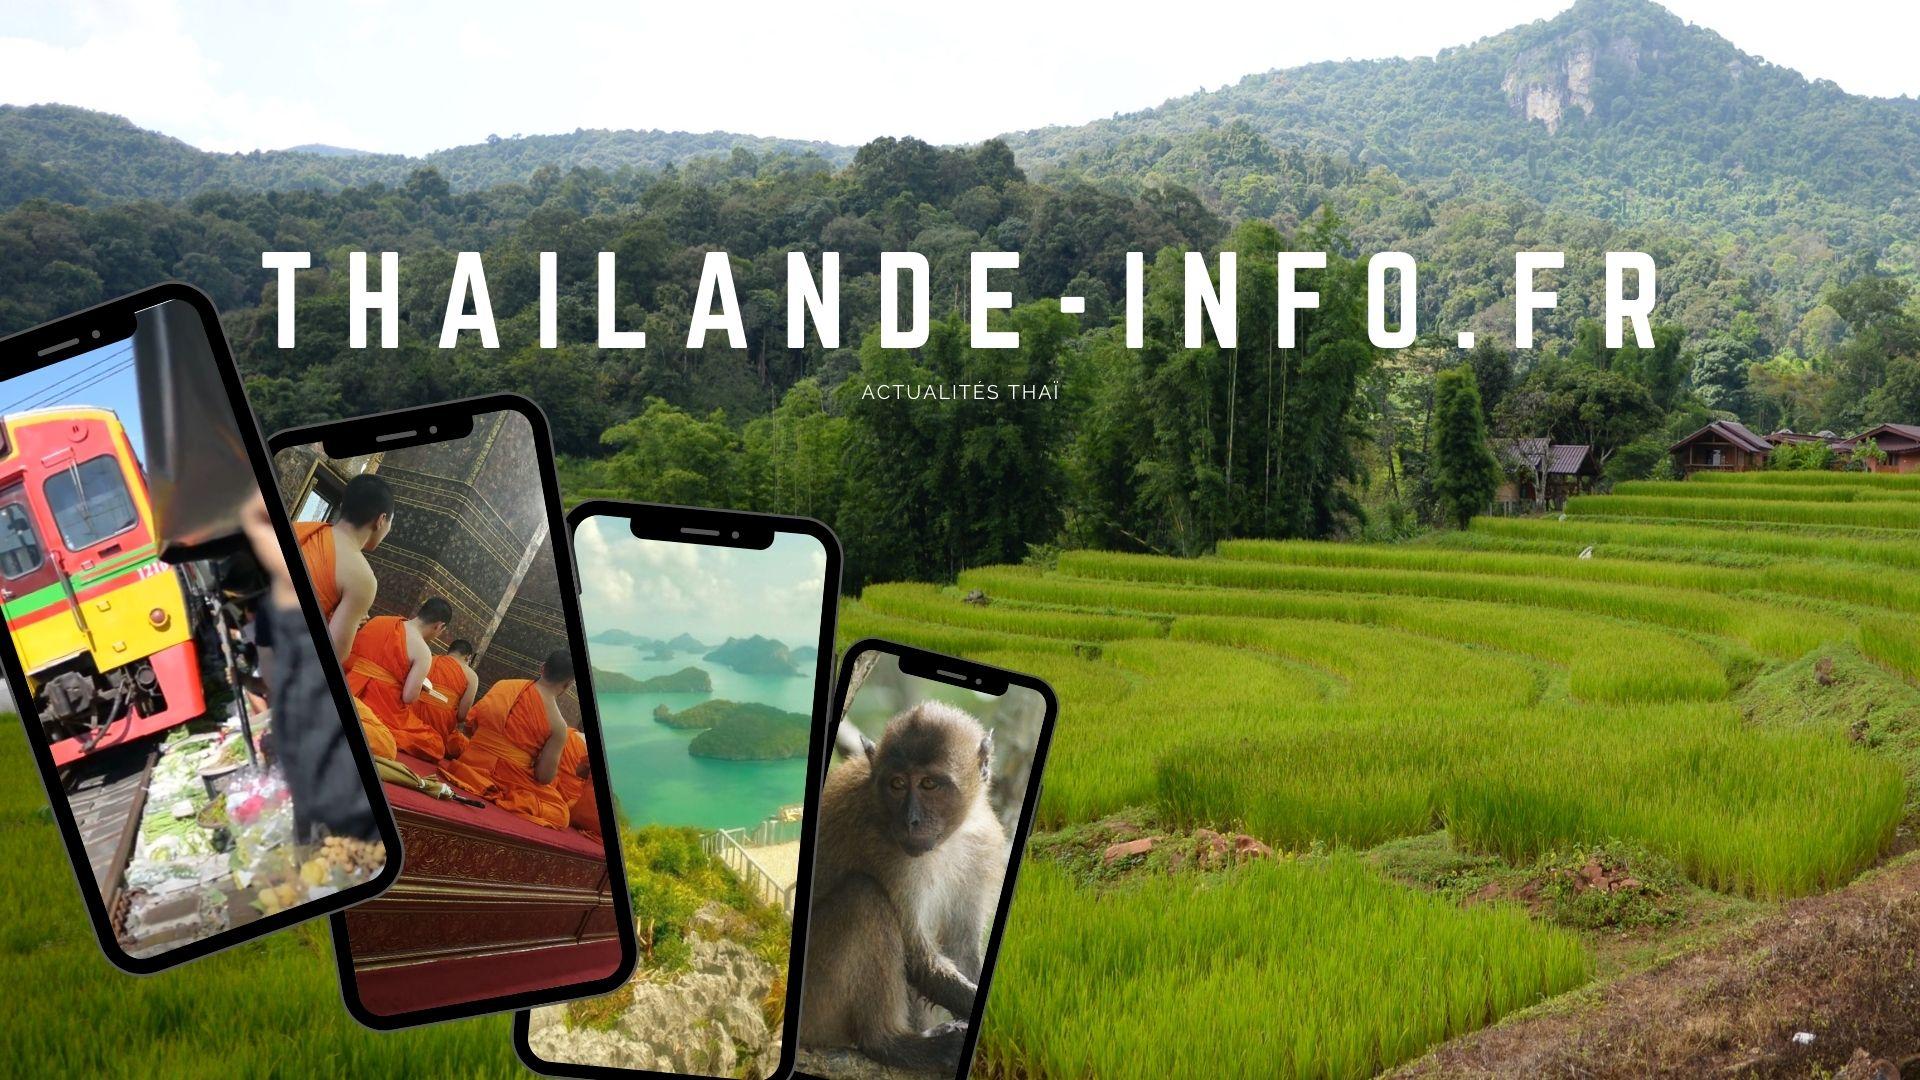 Thailande-info.fr